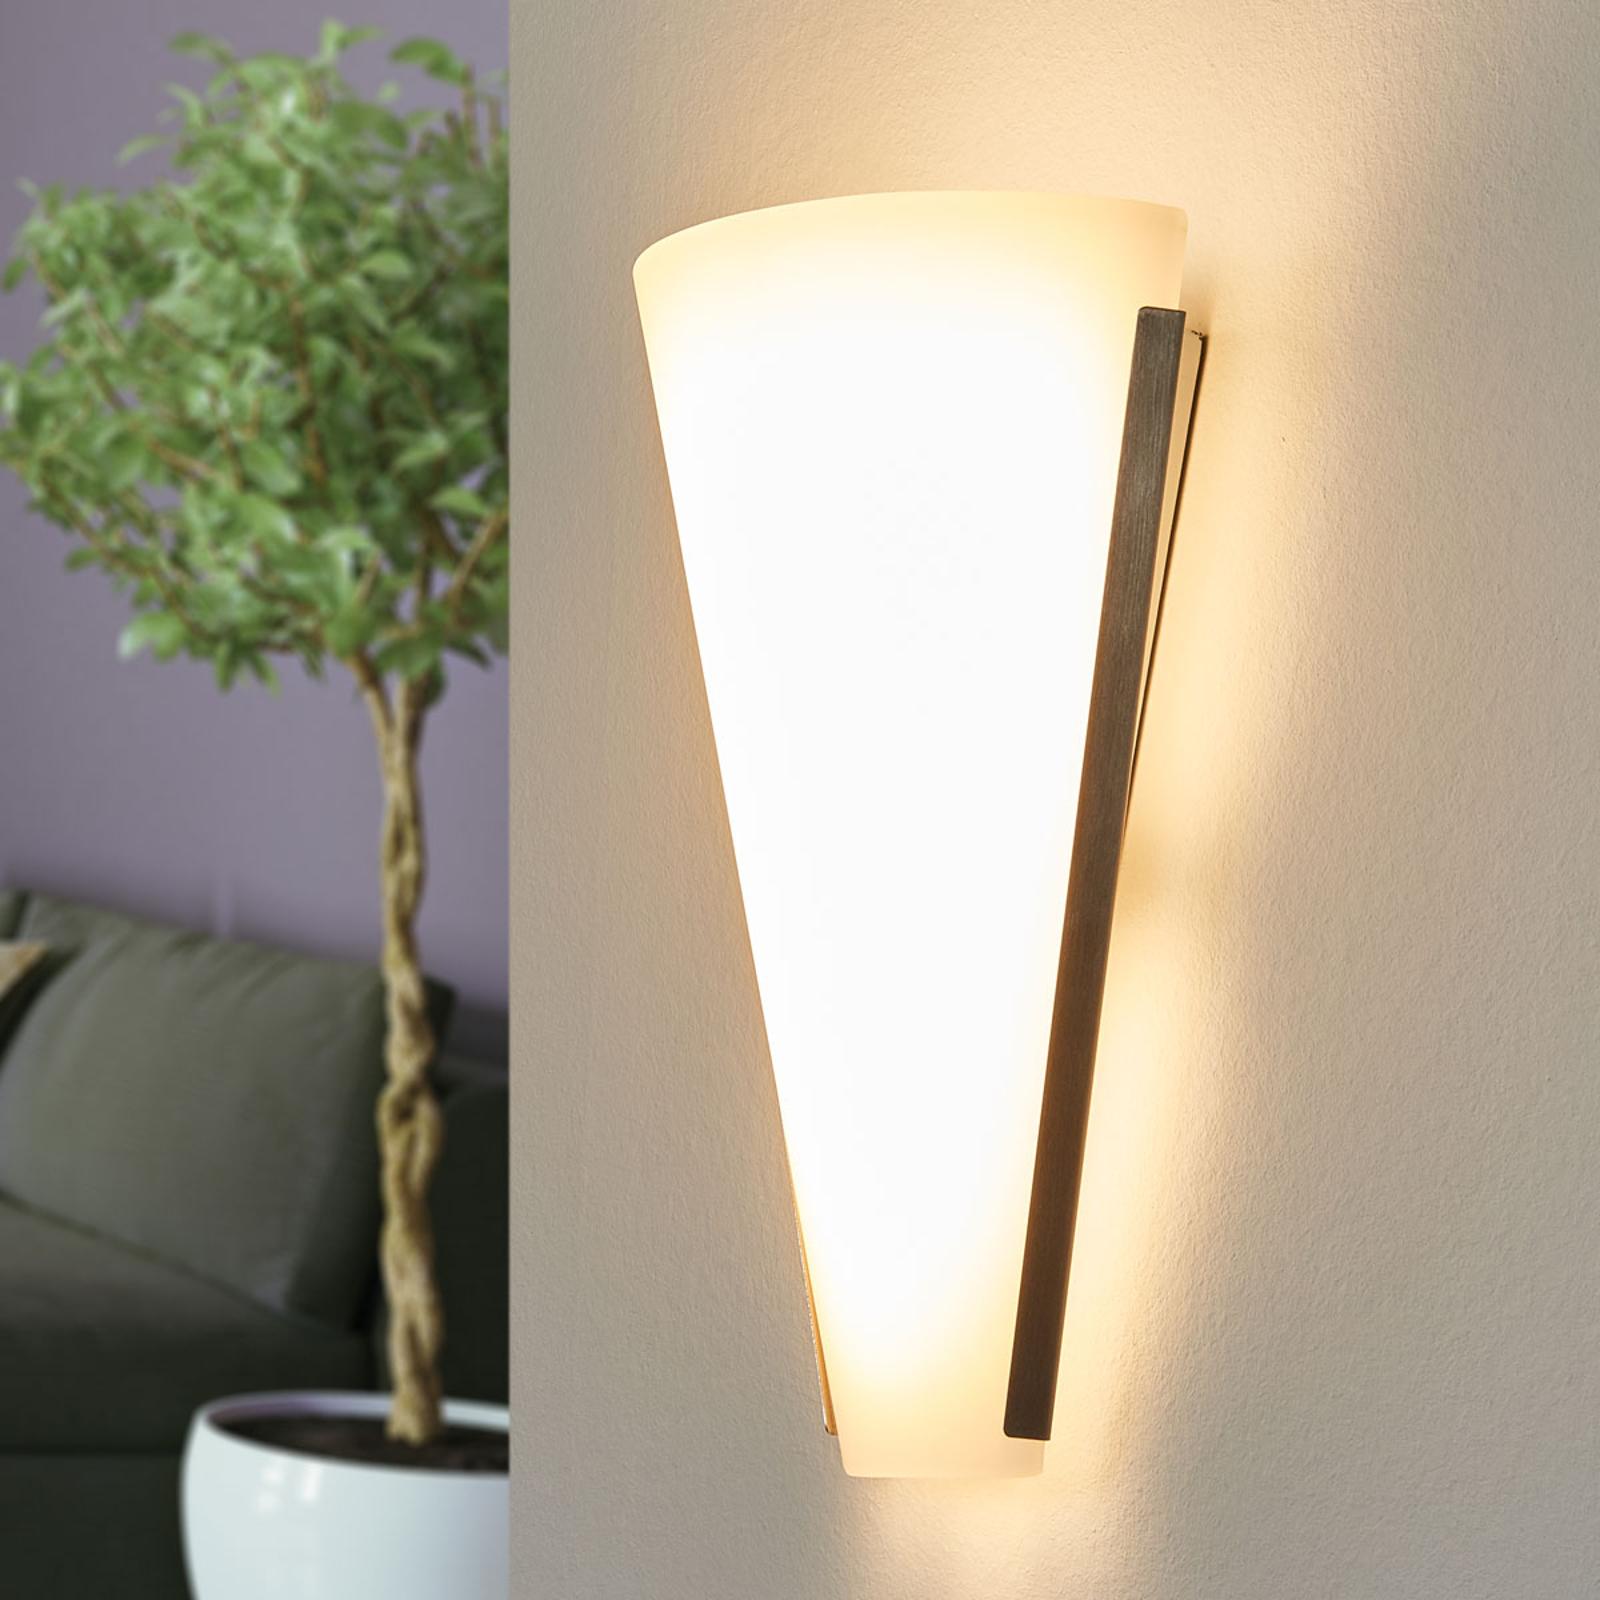 Kaunis LED-seinävalaisin Luk